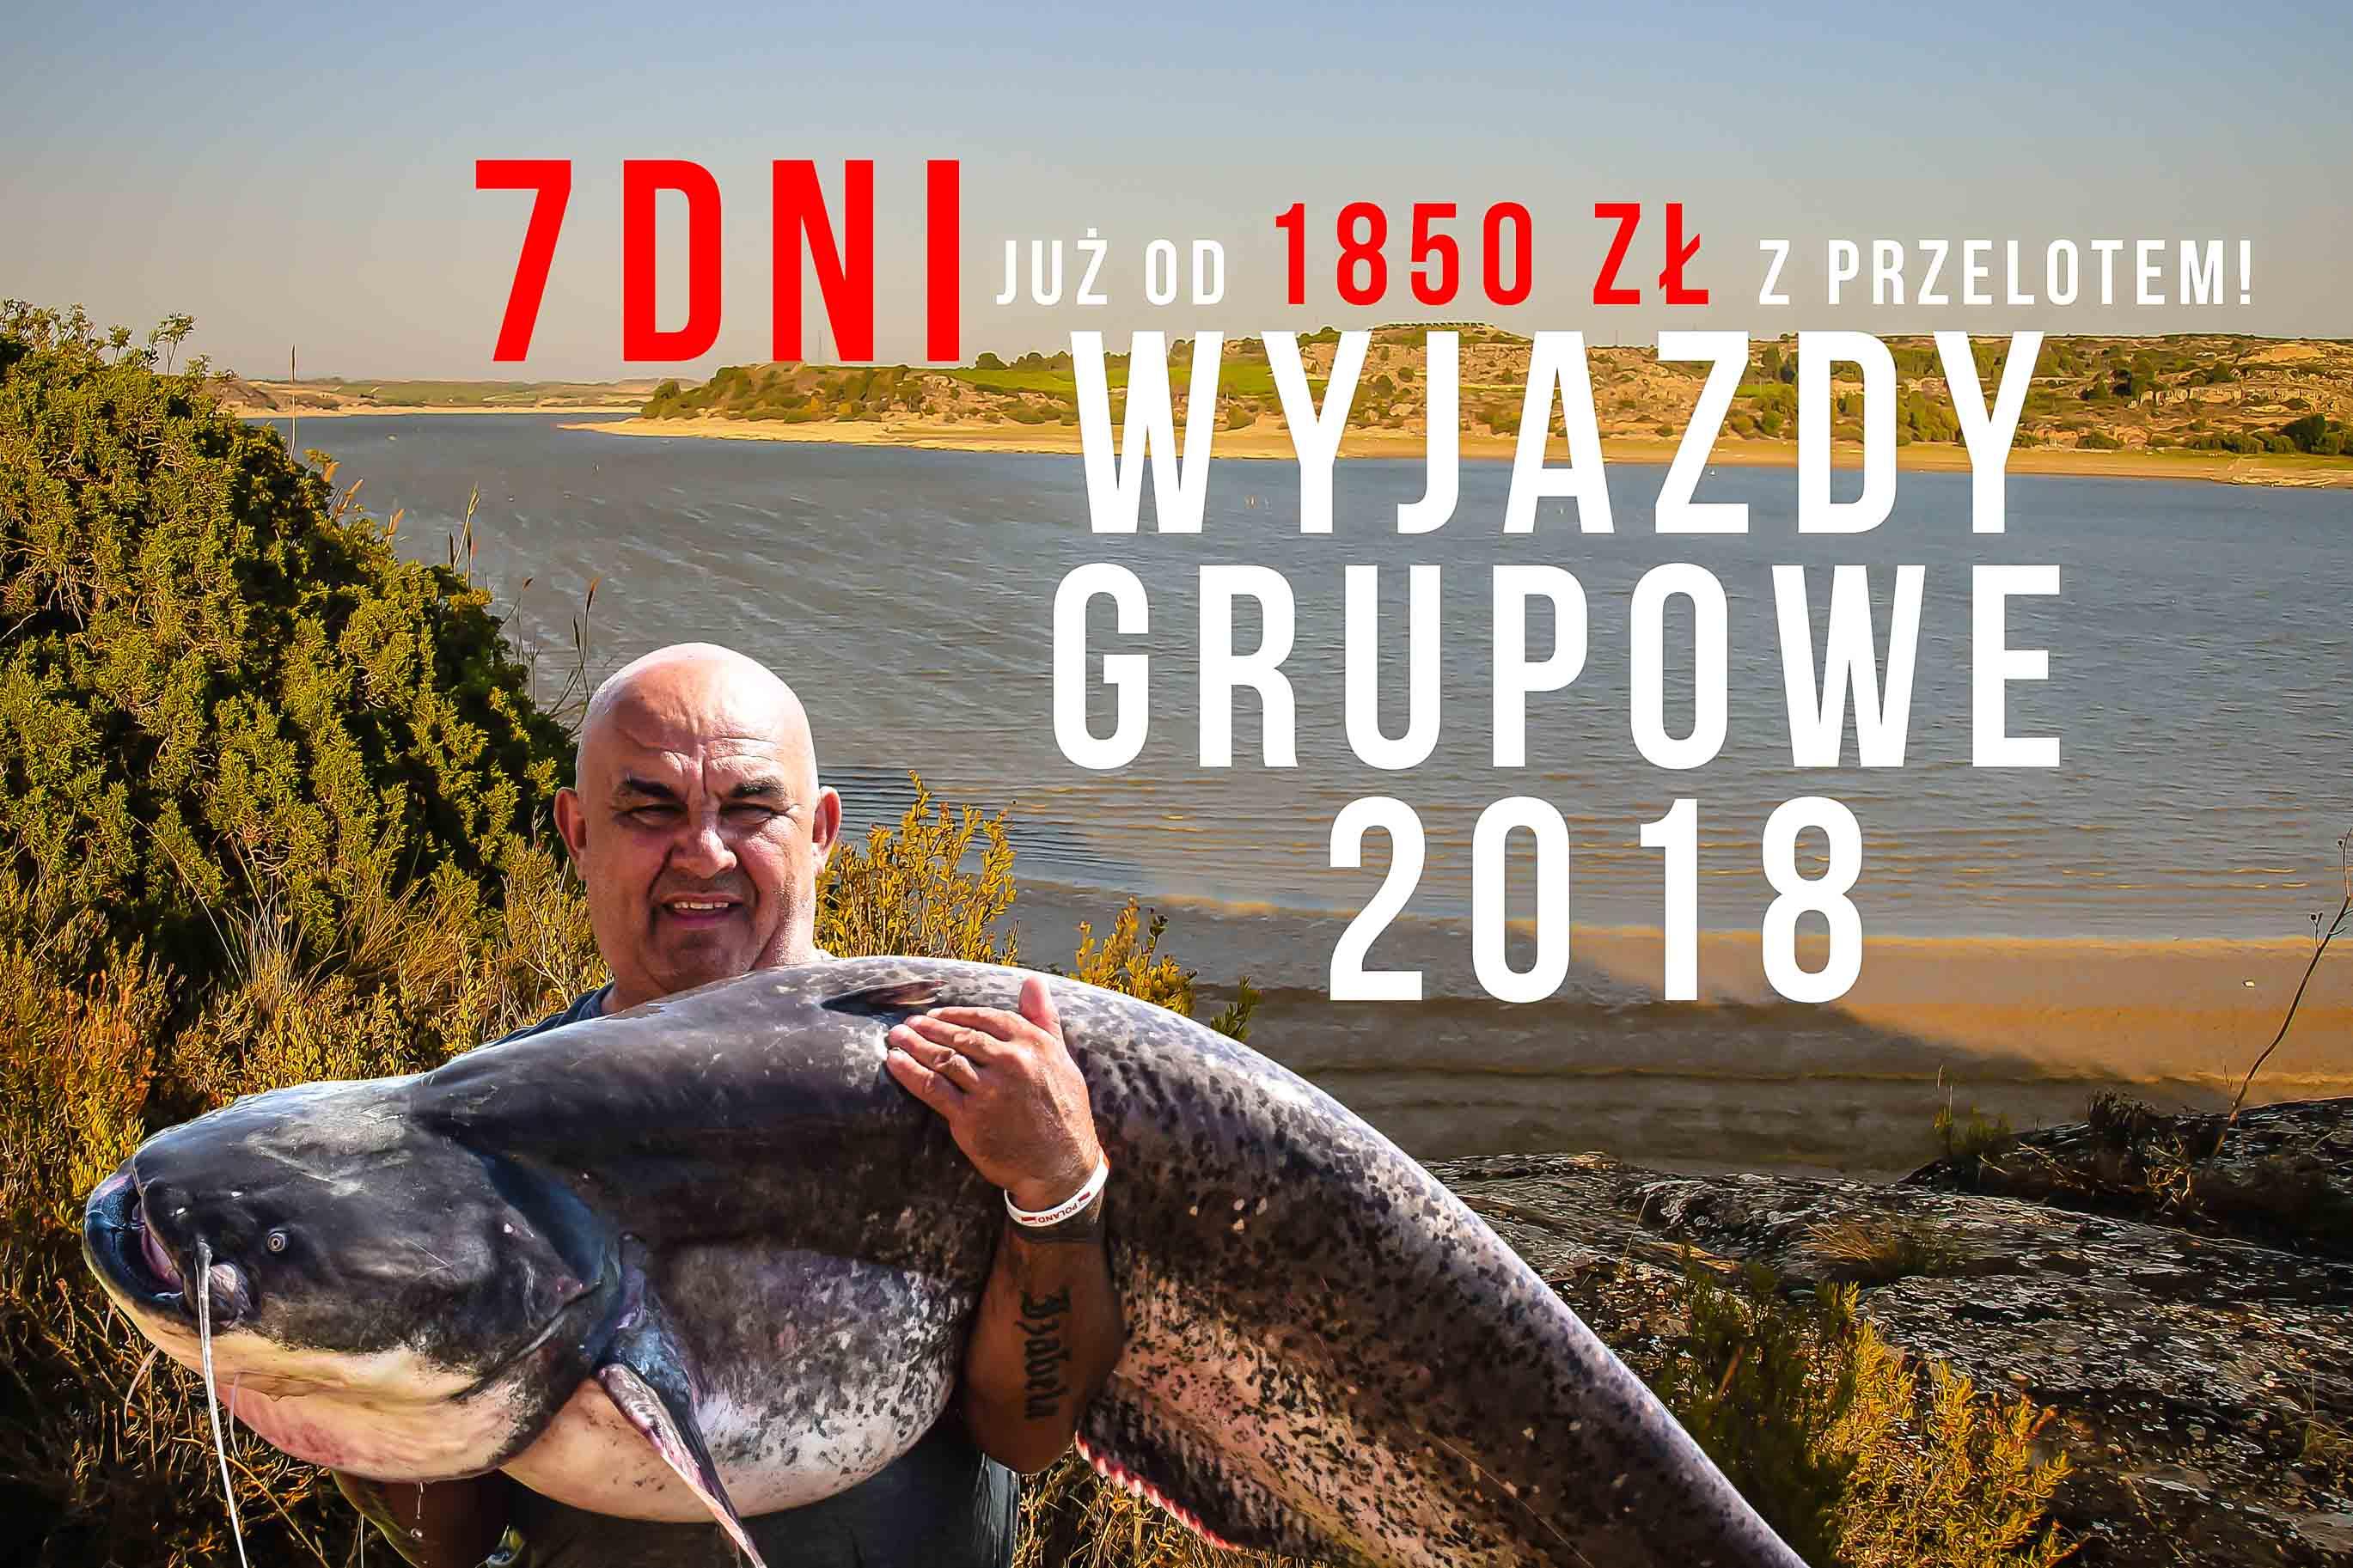 wyjazdy-grupowe-ebro-2018-1-z-1.jpg